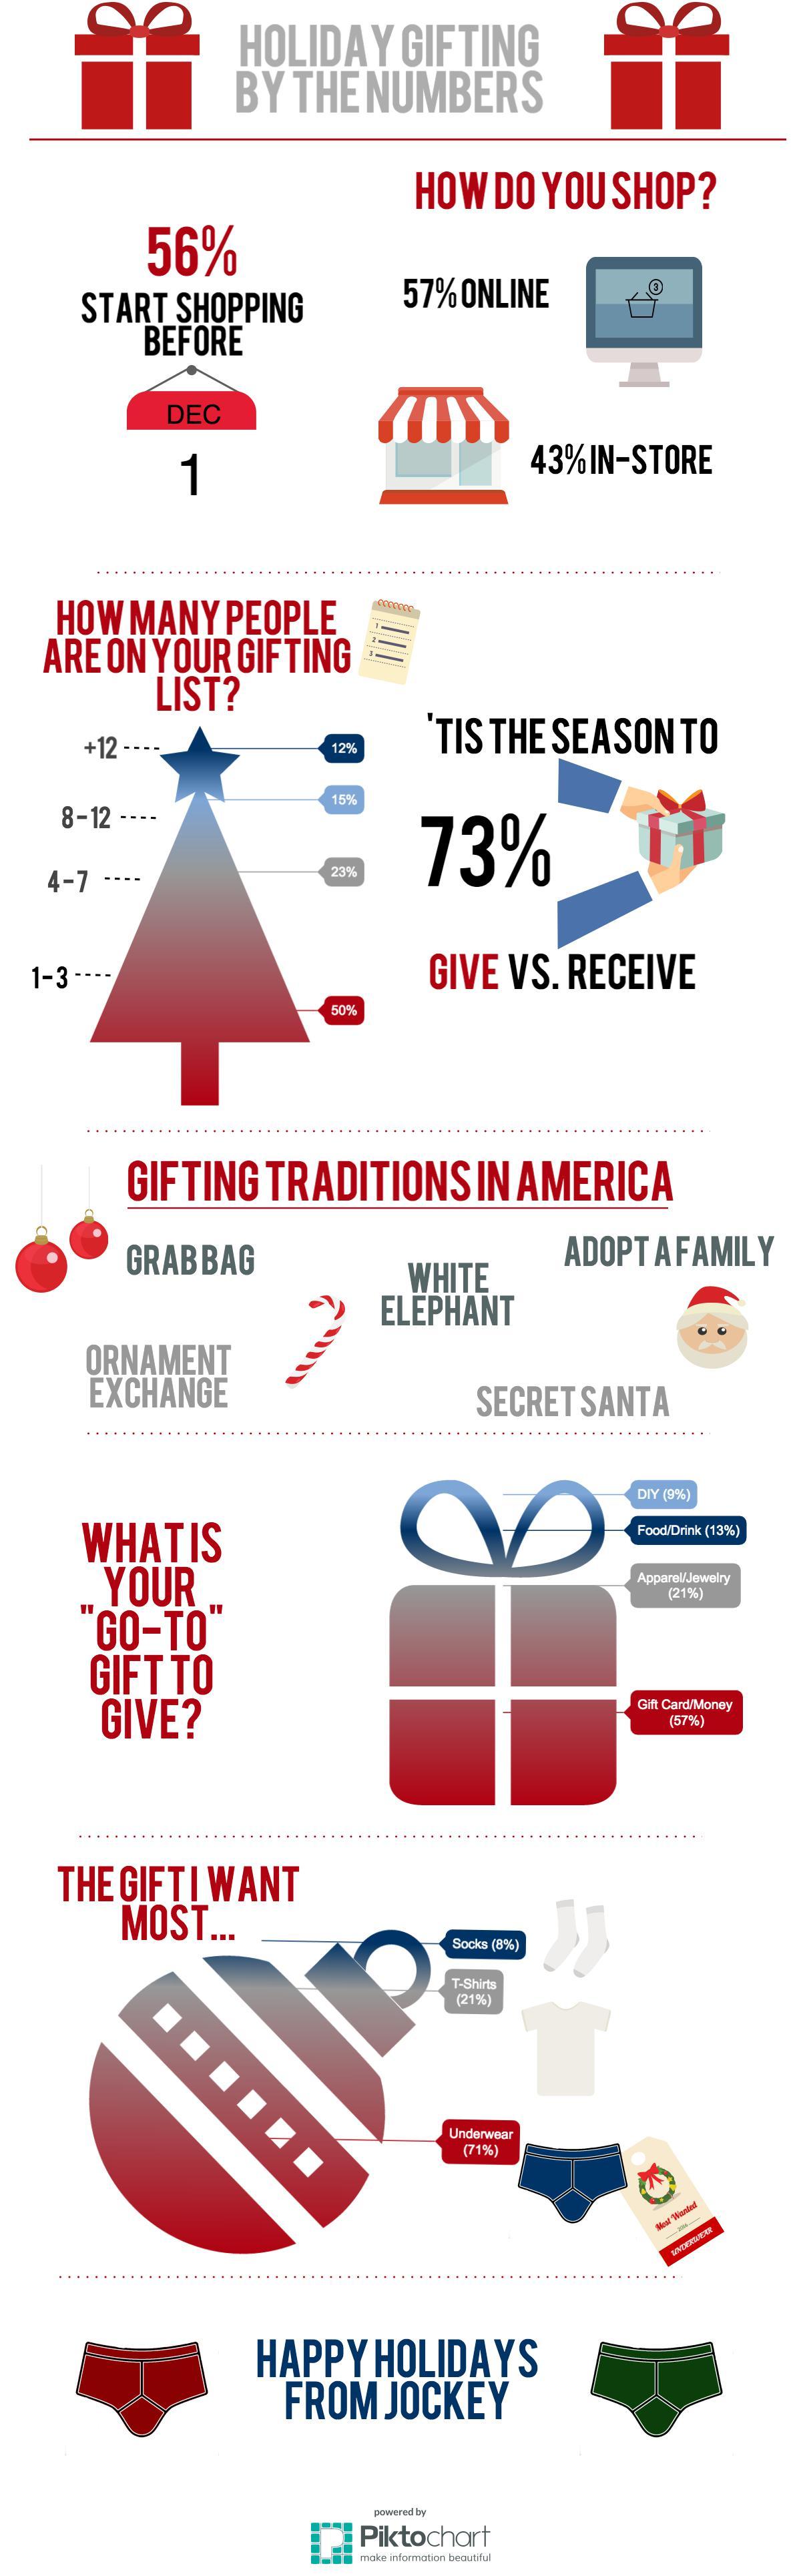 gifting-inforgr_18964555_7ec59aafcfecb9020d947a8489656fa9535d55a1.jpeg